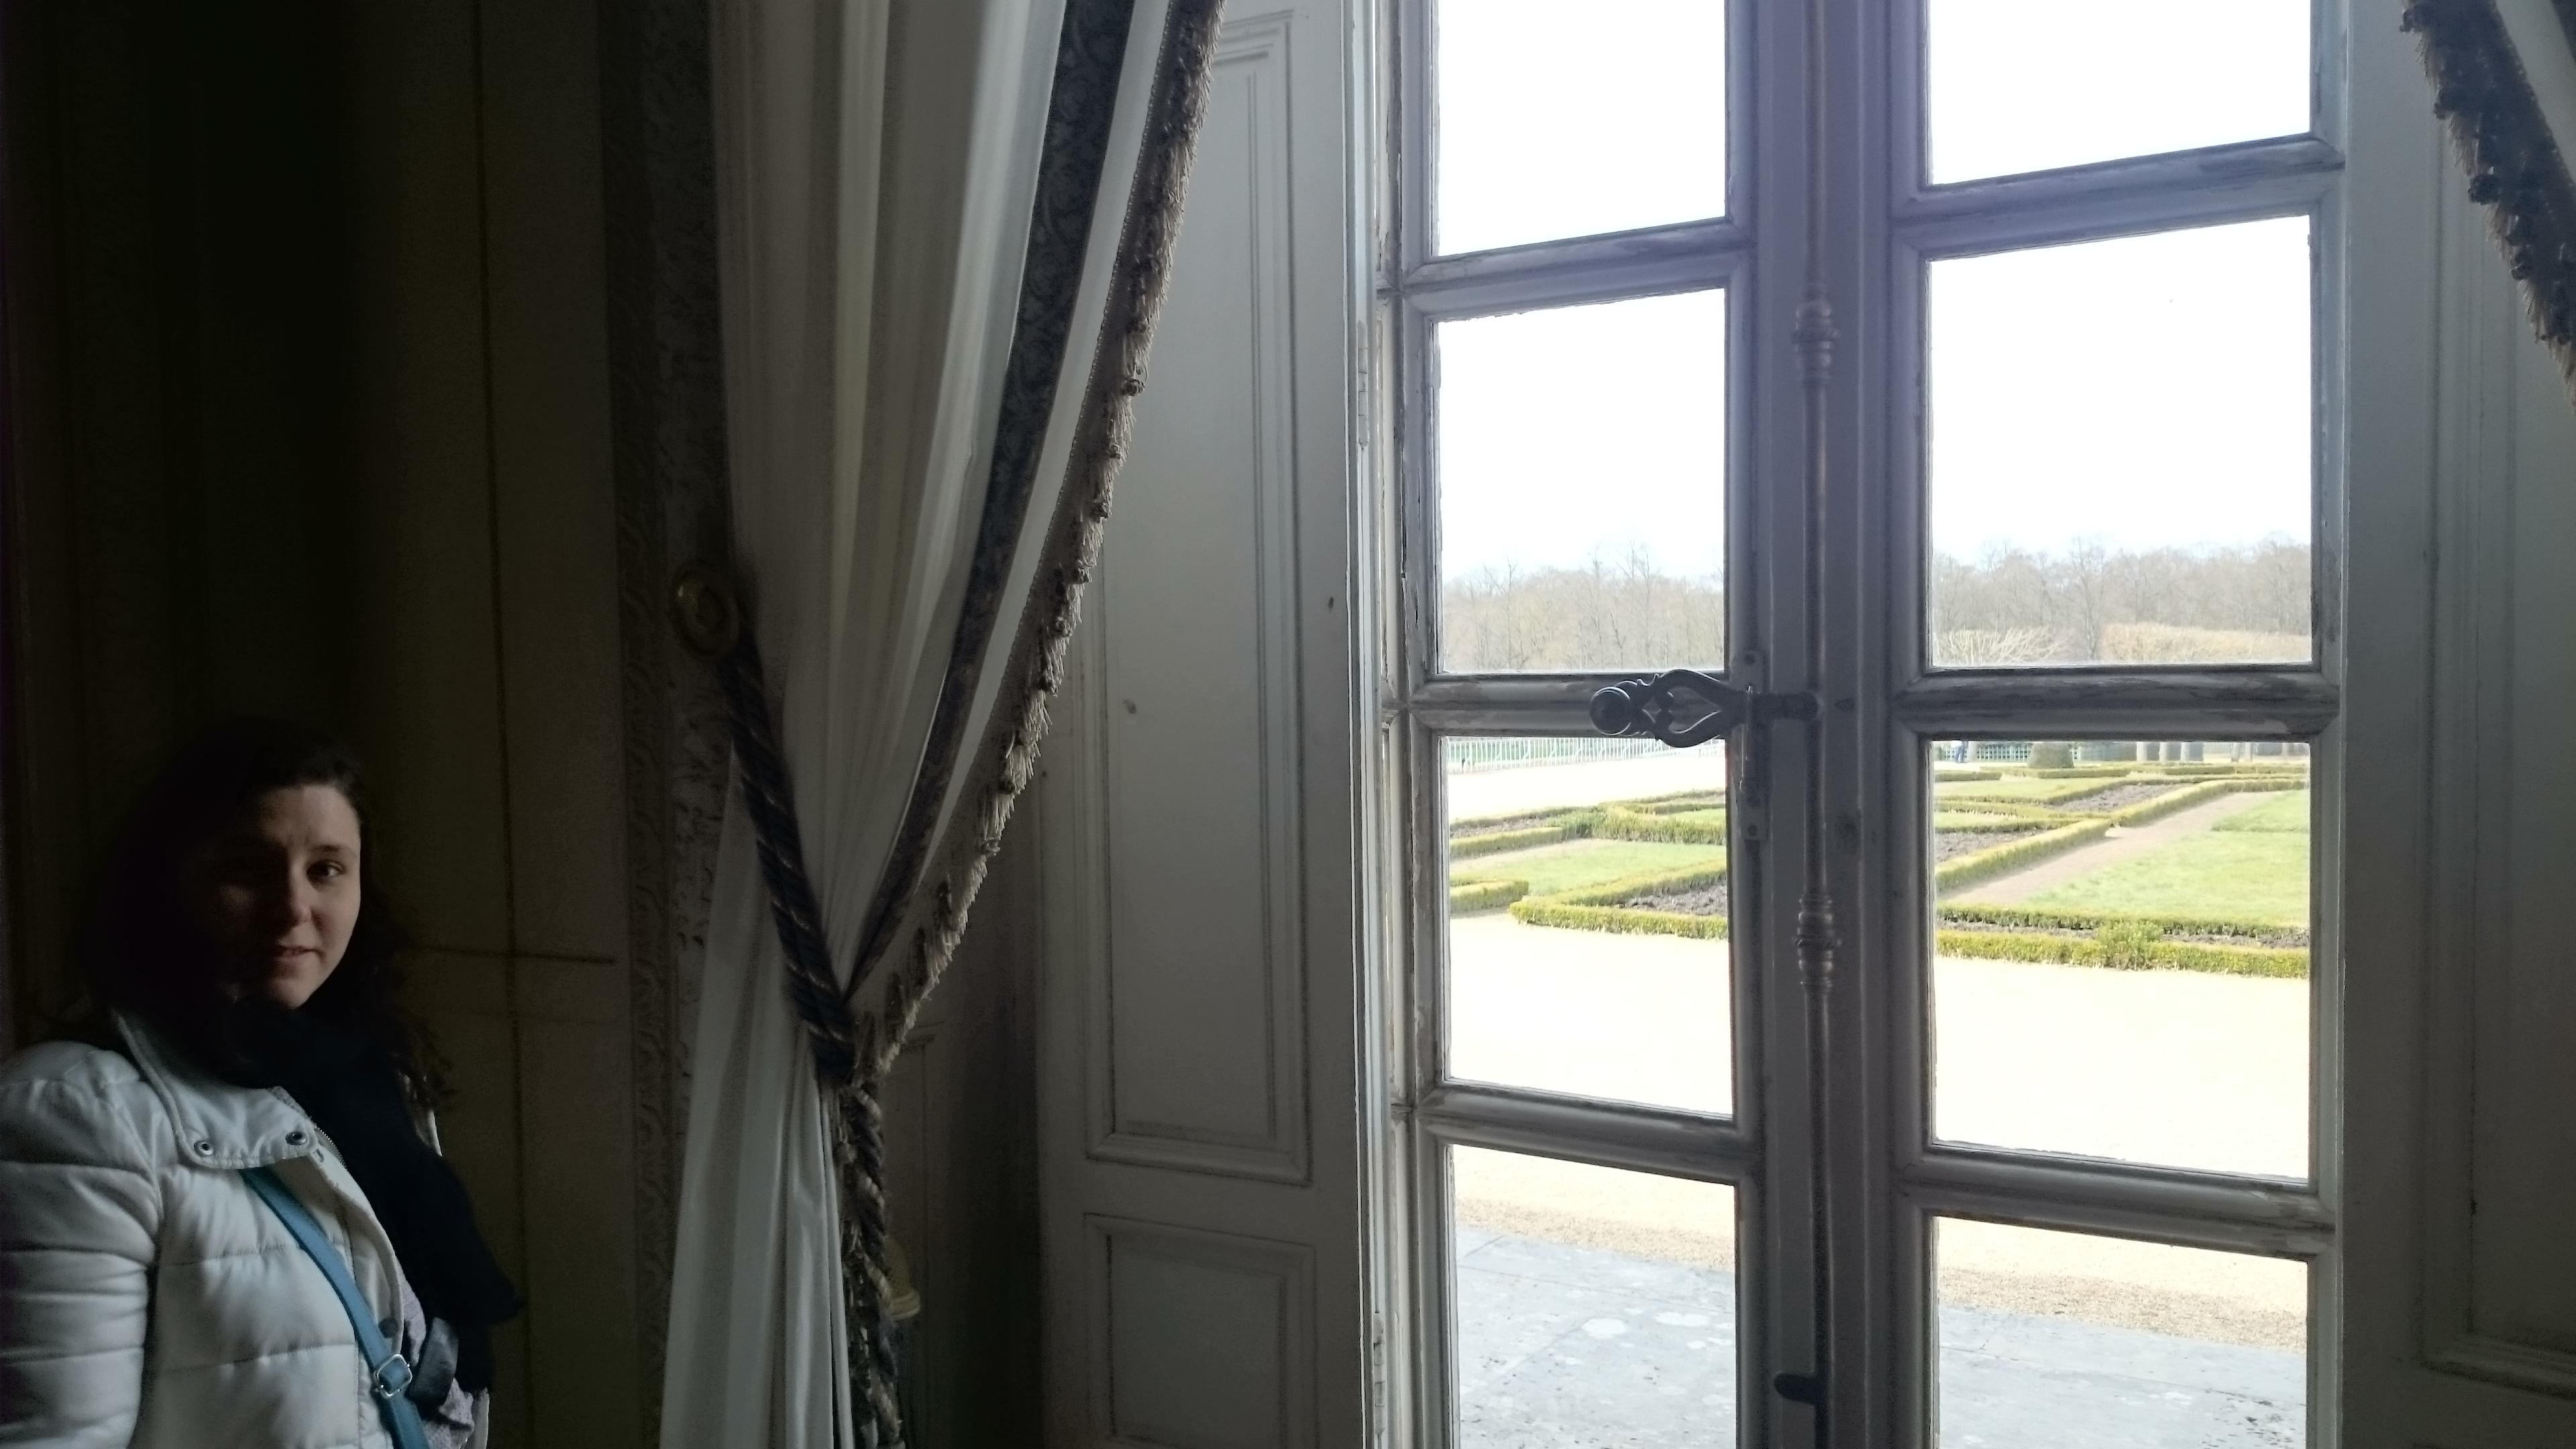 dsc 1206 - Visita al Palacio de Versalles: Como ir, cuanto cuesta y tips II/III